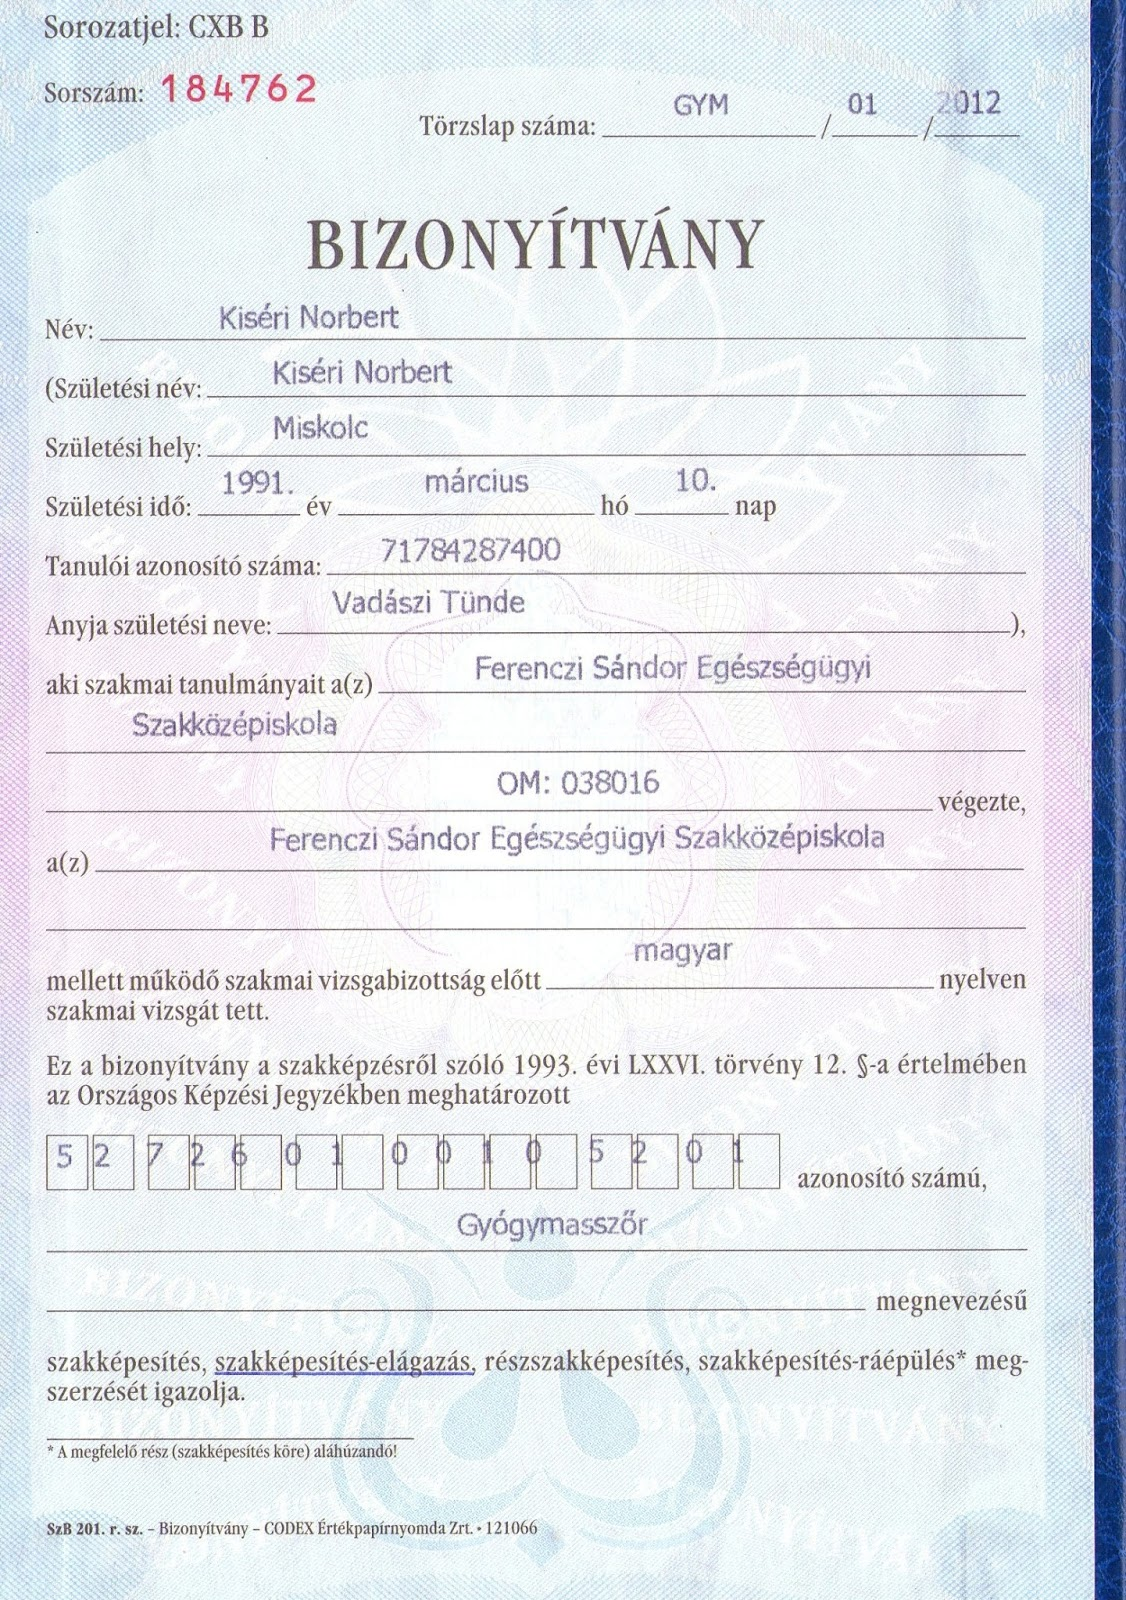 Oklevelem: